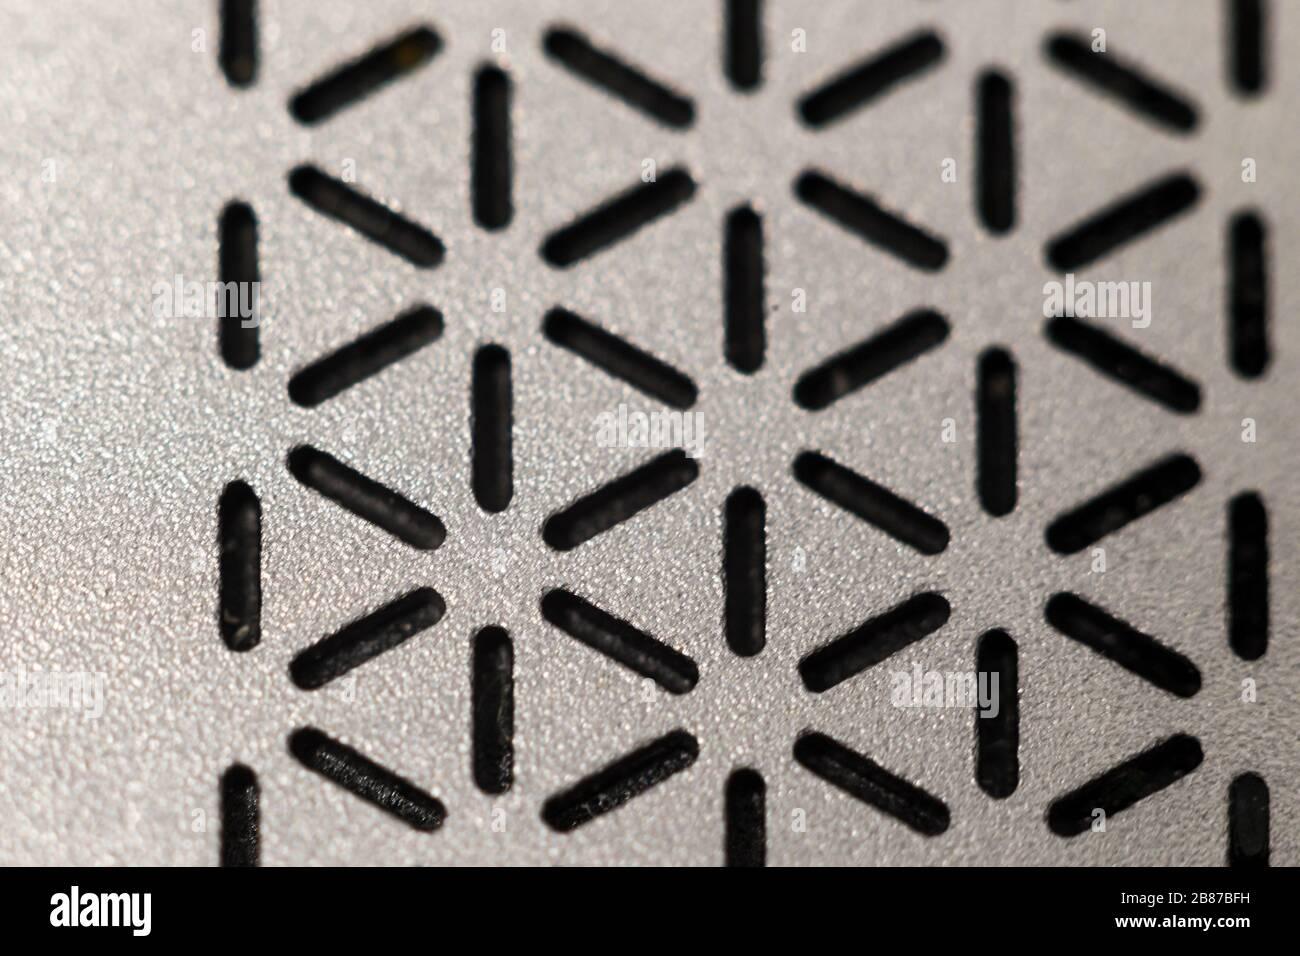 Nero e grigio diagonale simmetrico ripetizione lineare elegante motivo Foto Stock